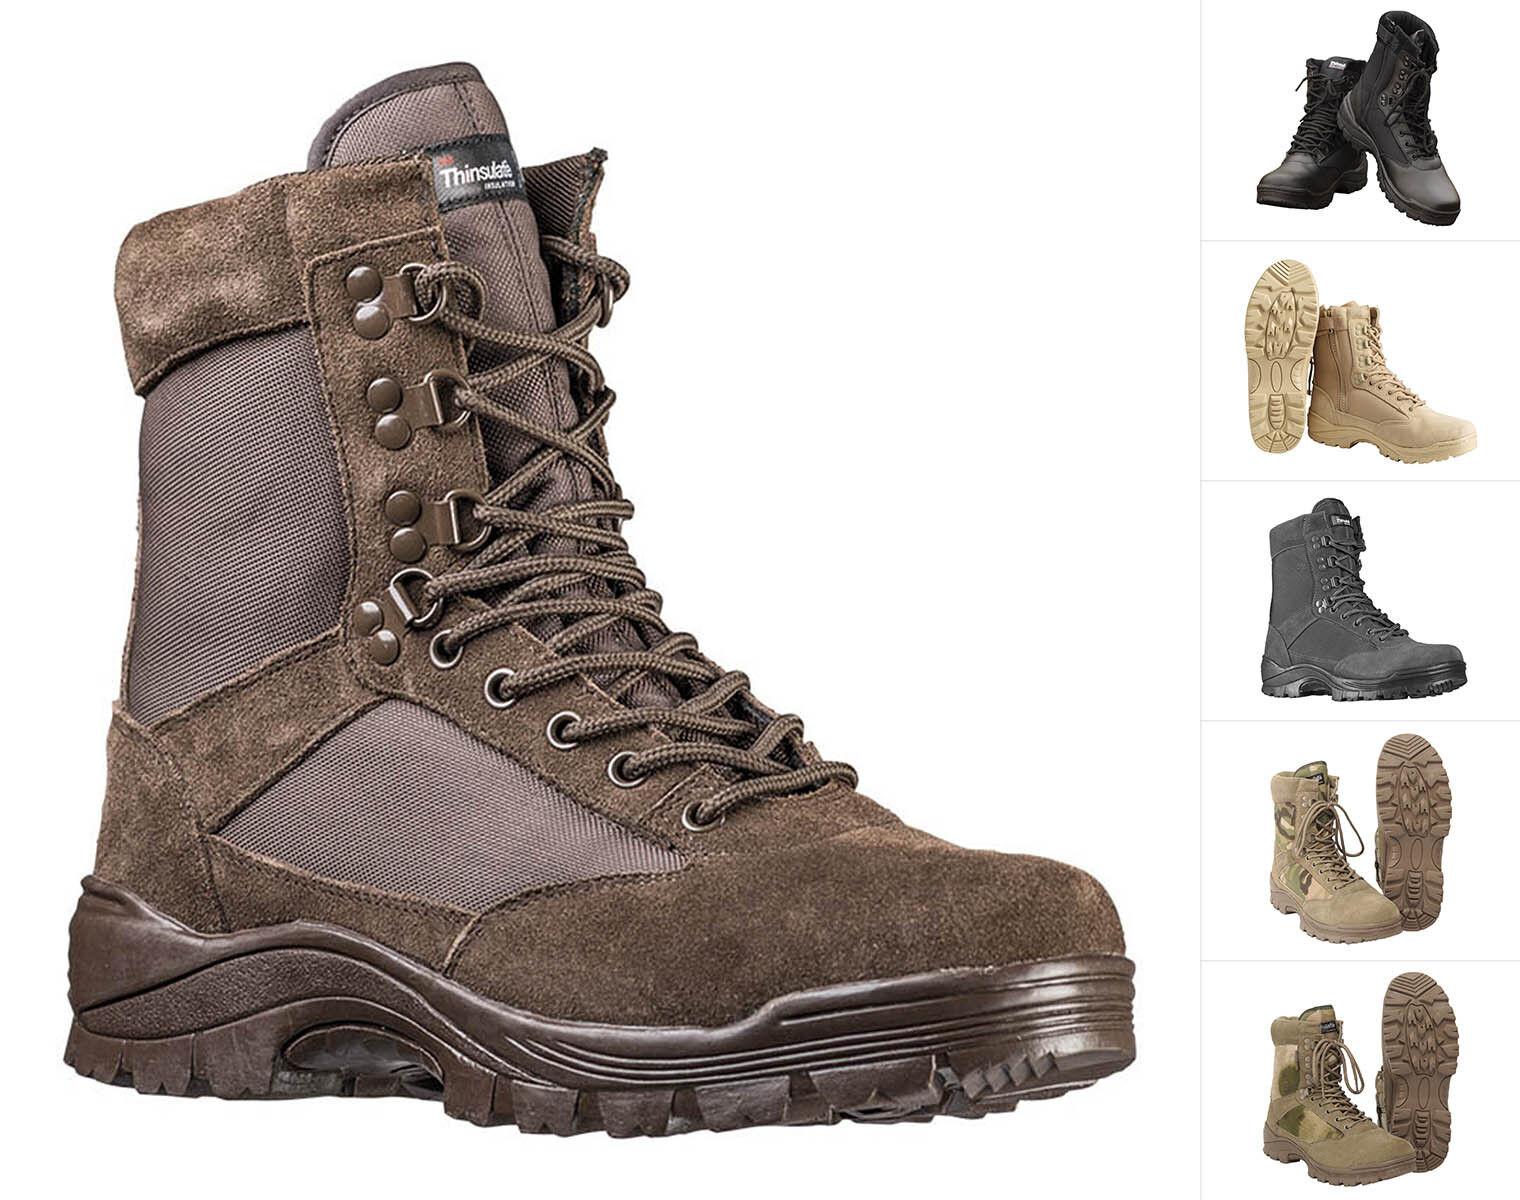 Mil-Tec Tactical Stiefel mit YKK Reißverschluss Schuhe Lederstiefel Stiefel 38-48